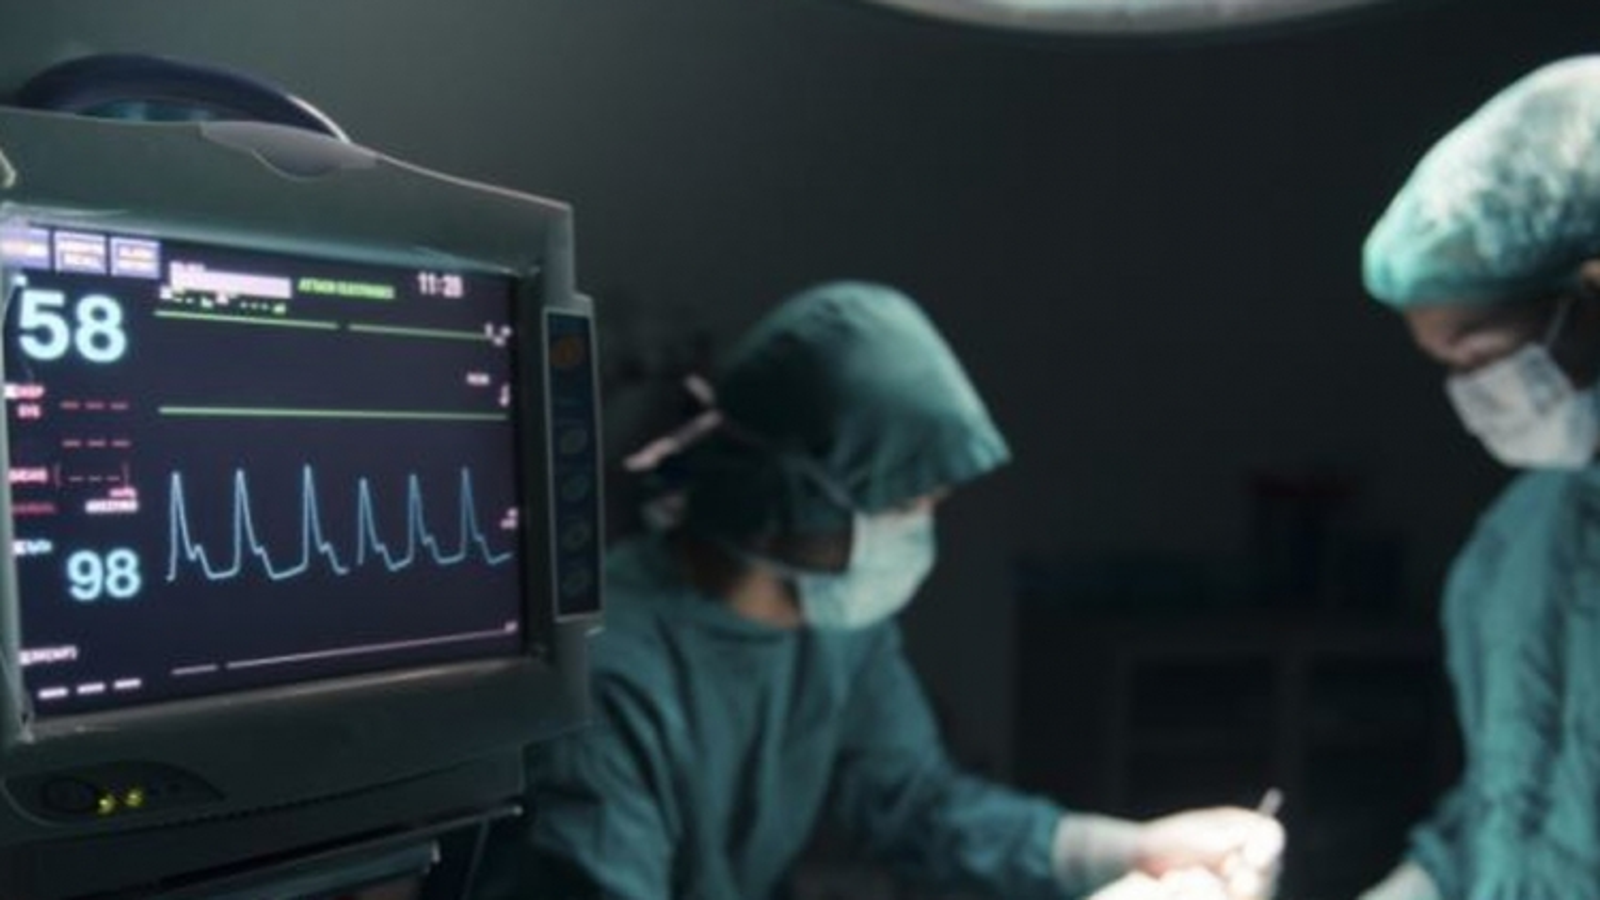 """Bác sĩ nâng ngực gây tử vong đã bị đình chỉ, vẫn hoạt động """"chui"""""""